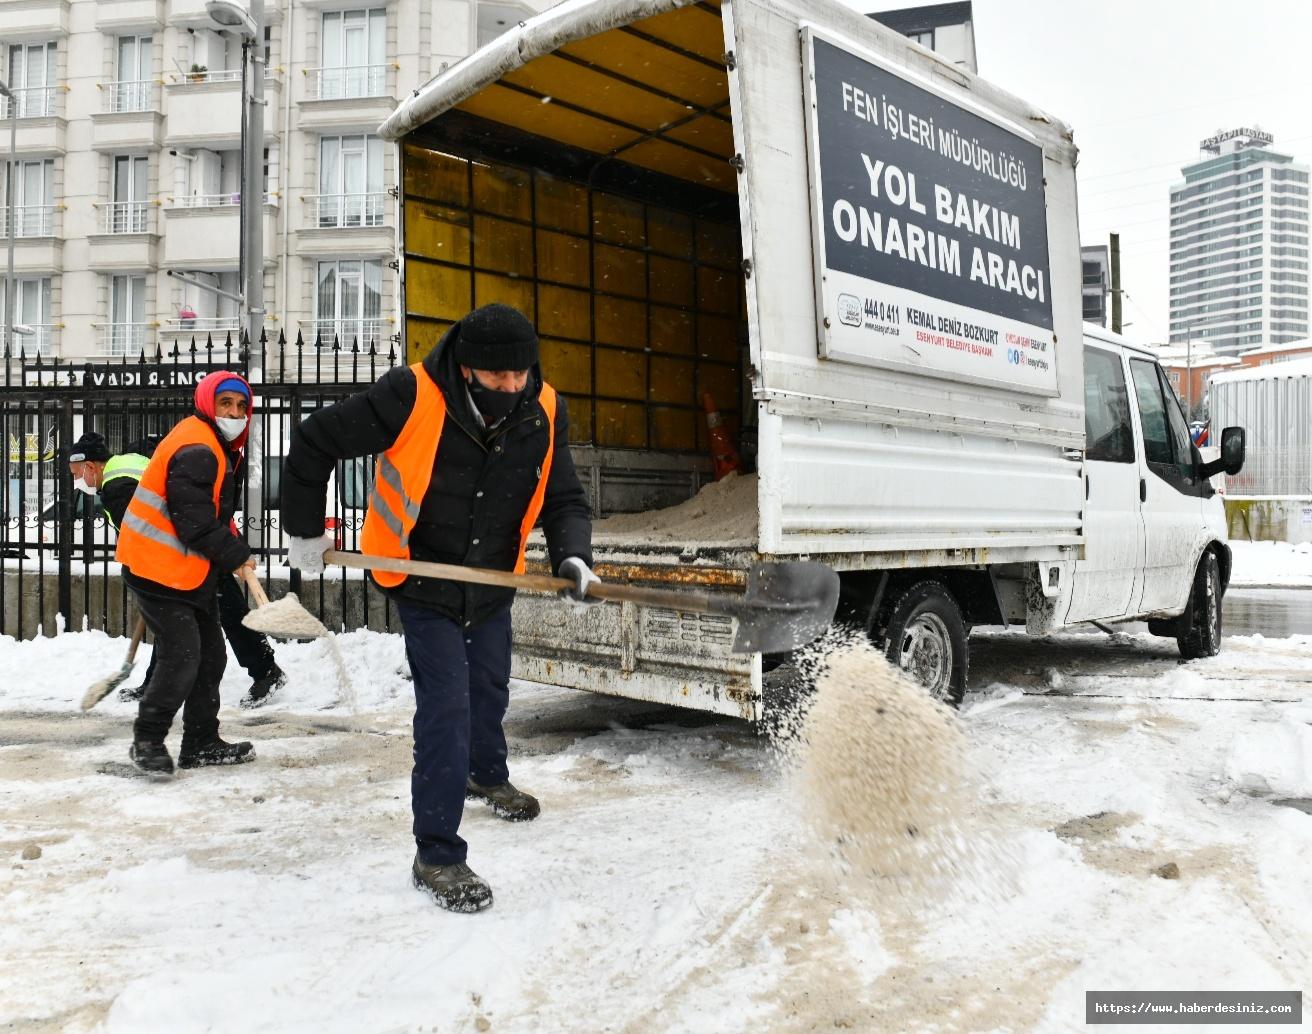 Esenyurt'ta kamu kurumlarının çevresi sürekli temizleniyor